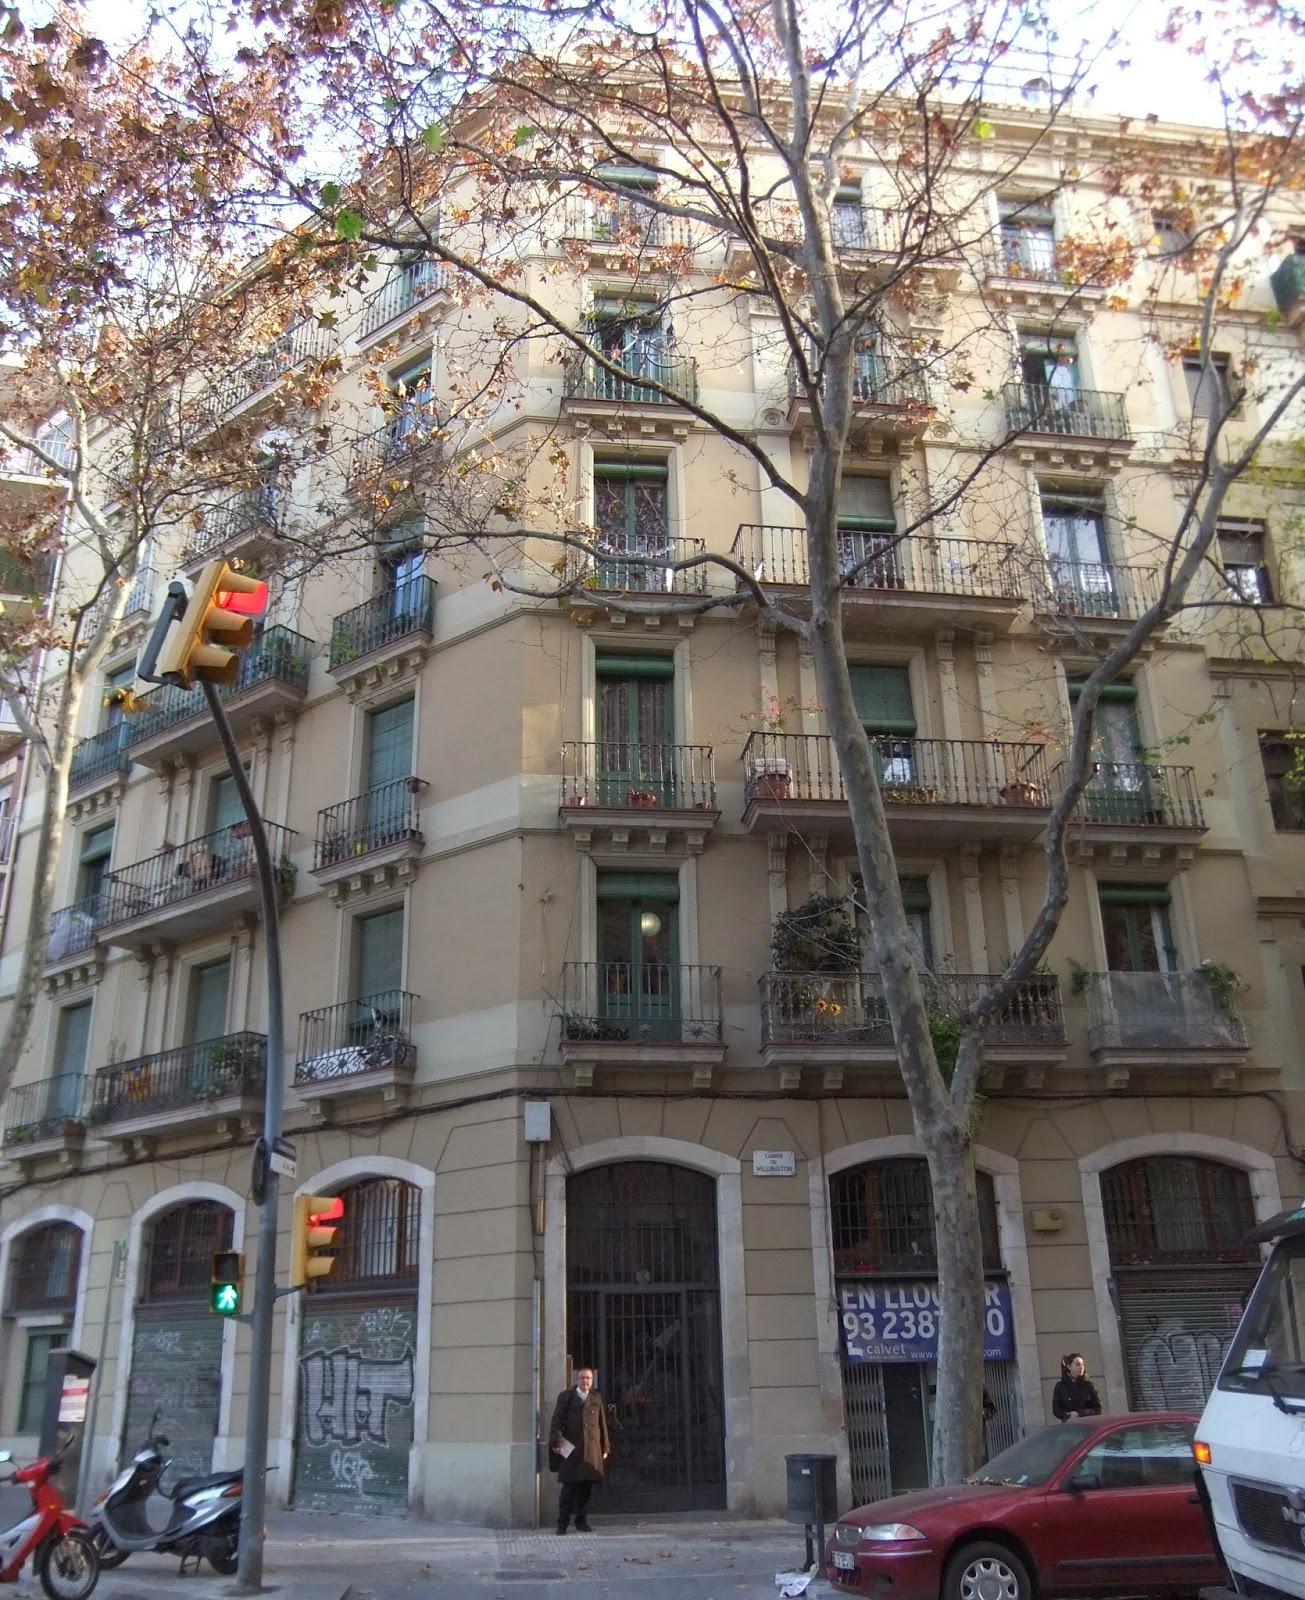 Els socarrats que van vindre a barcelona a finals del for Piso wellington barcelona